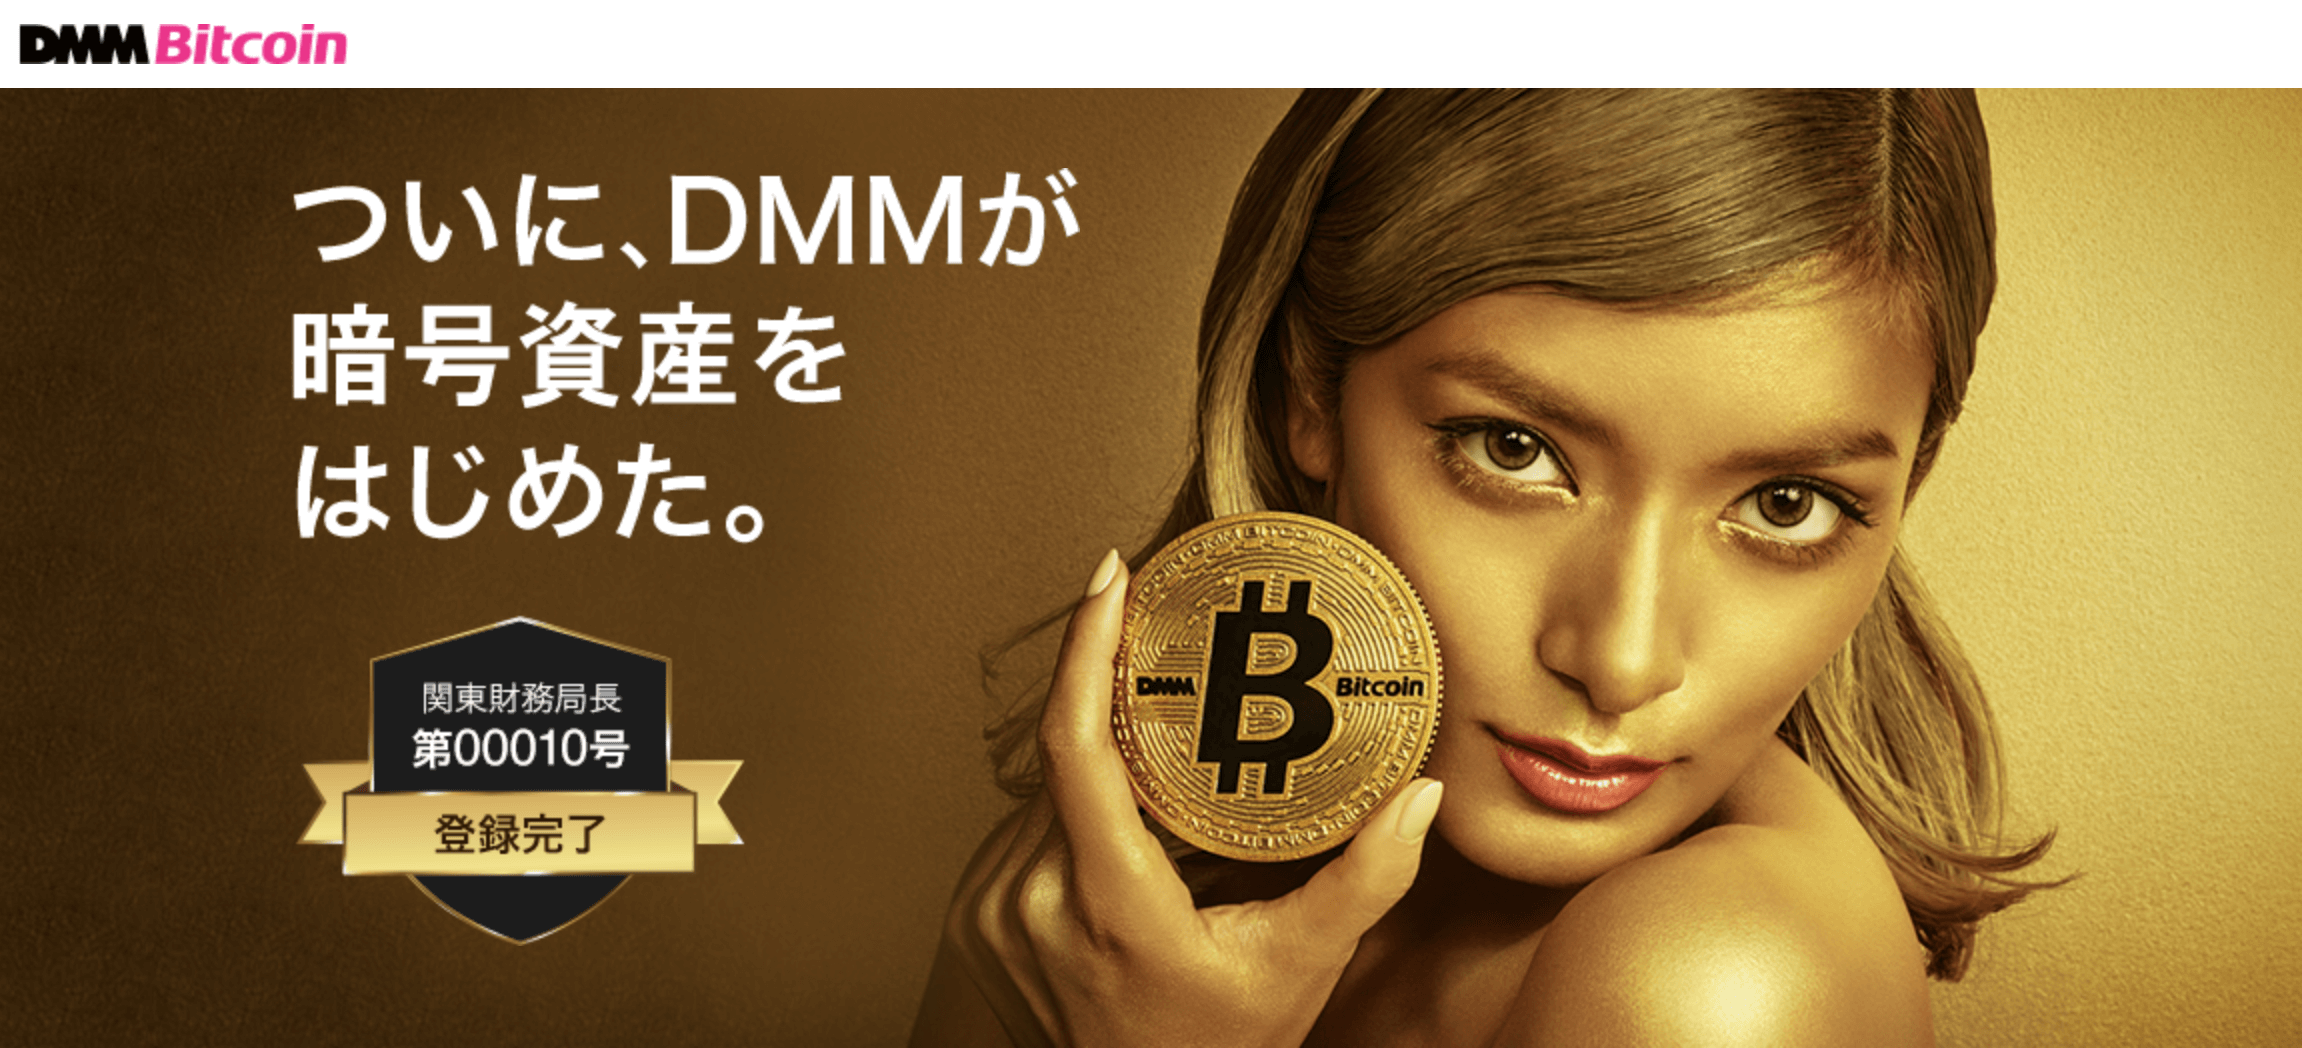 DMMビットコイン公式ページのTOP画像